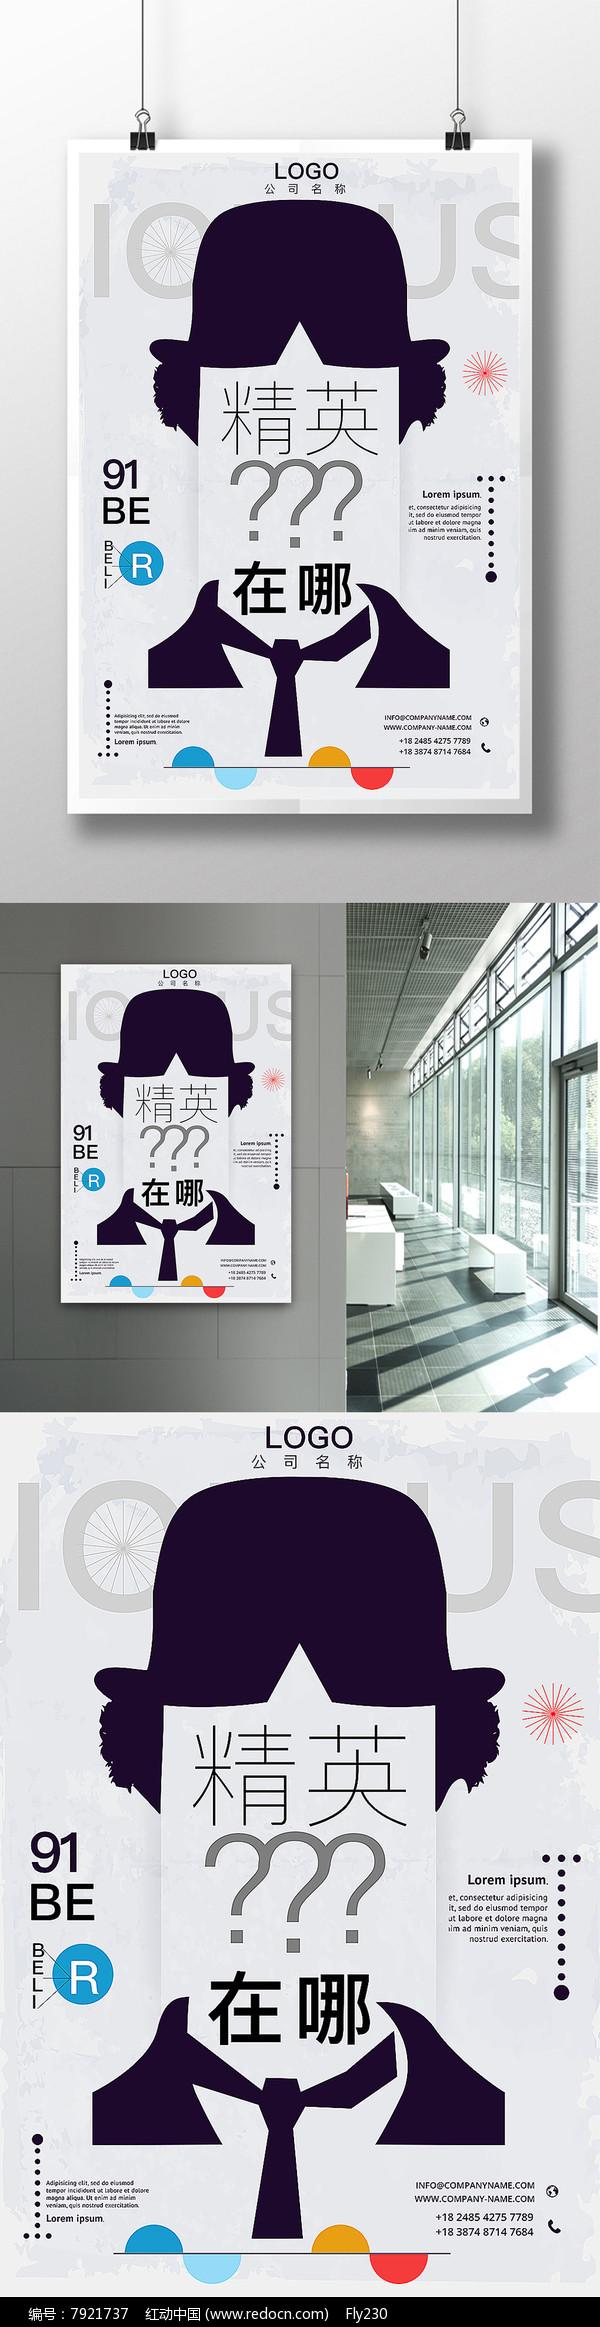 精英招聘广告设计图片